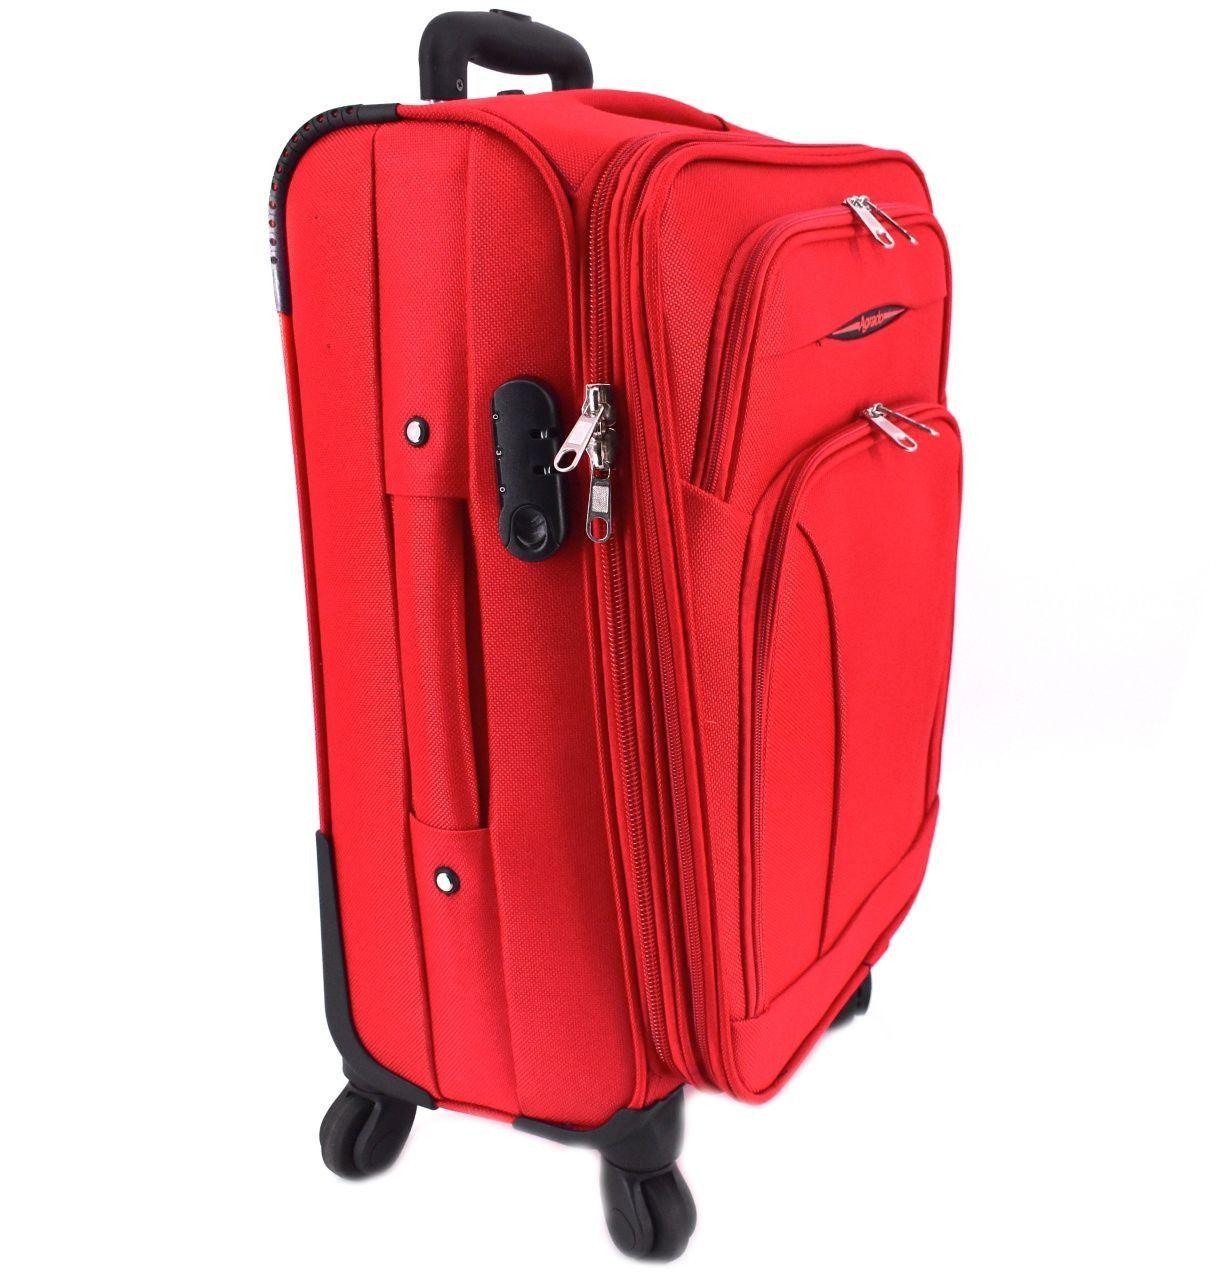 Cestovní textilní kufr na čtyřech kolečkách Agrado (M) 80l - modrá/červená 8021 (M)